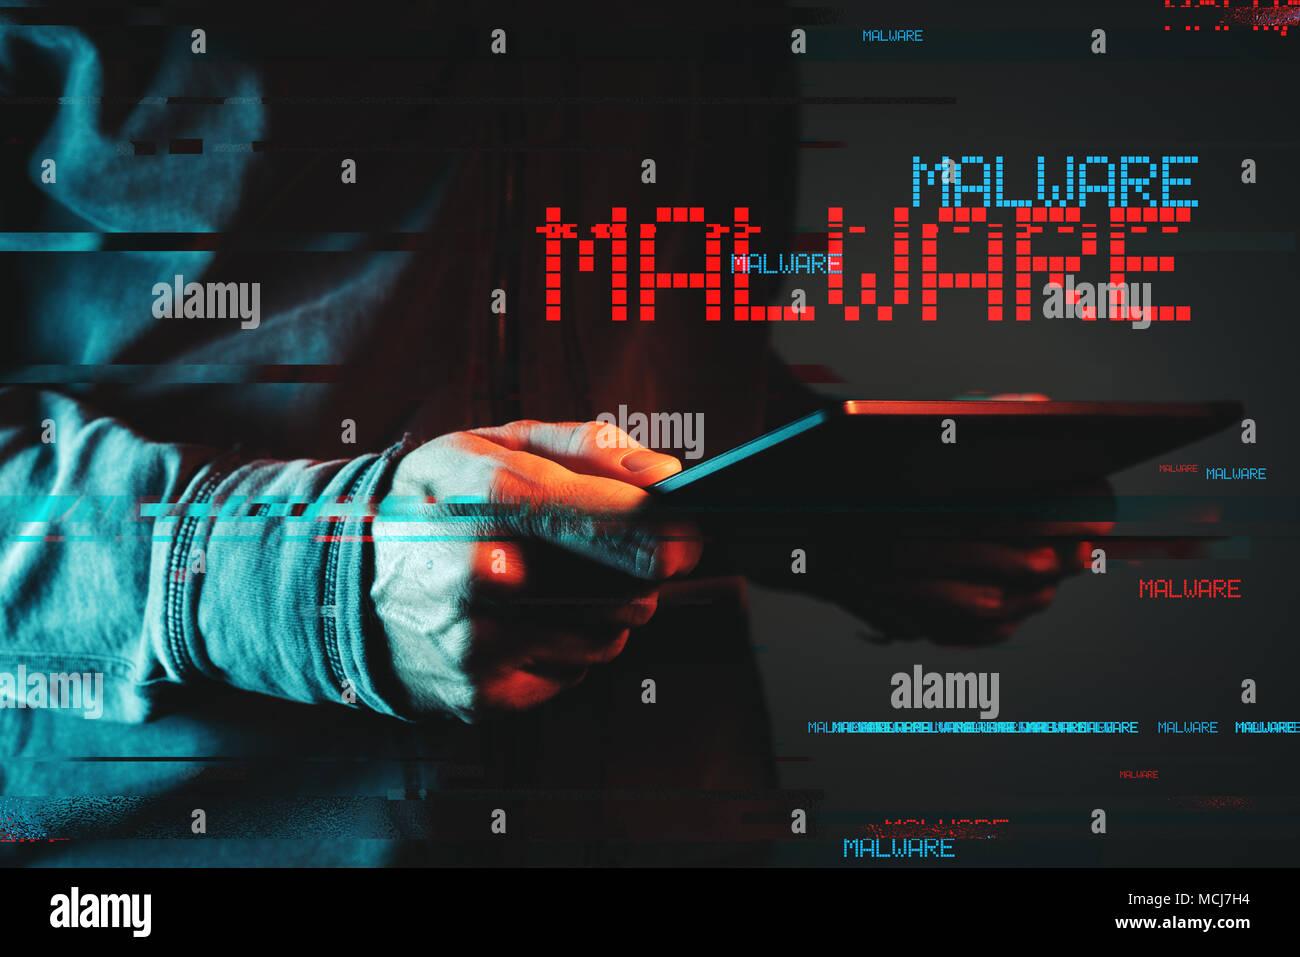 Malware Konzept mit Tablet Computer person, Low Key rot und blau beleuchtete Bild und digitale glitch Wirkung Stockbild